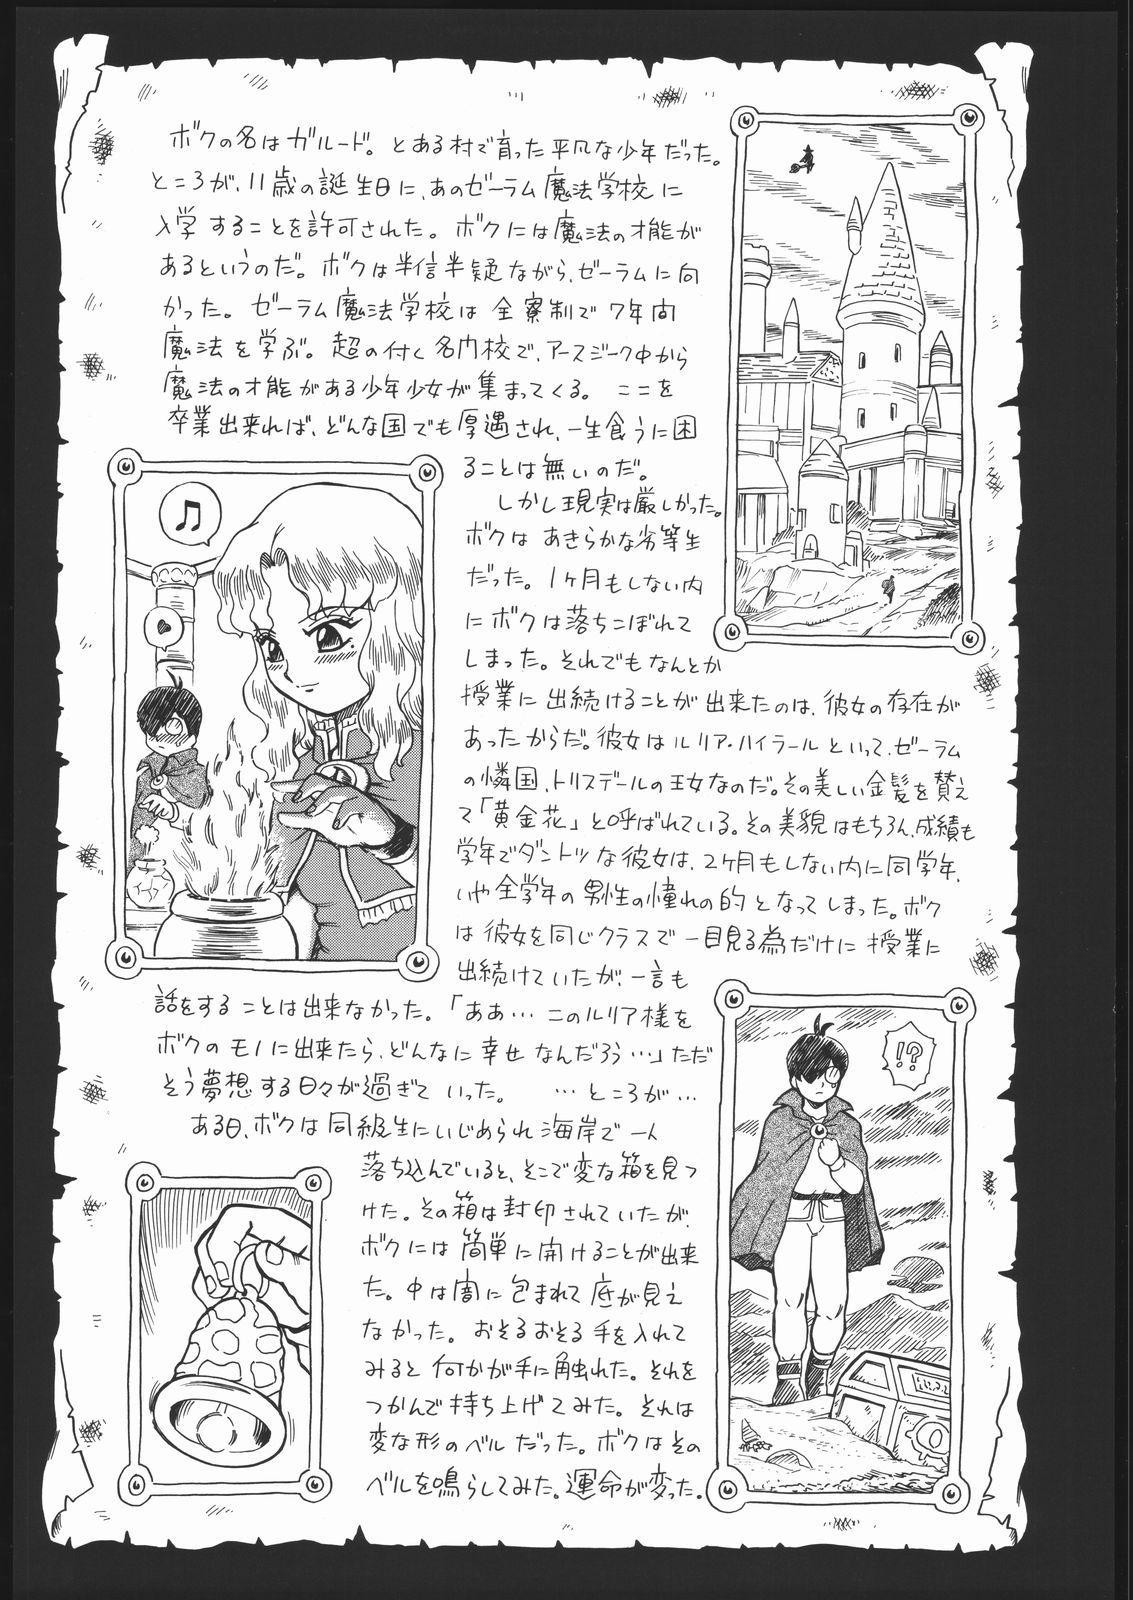 PRINCESS MAGAZINE NO. 2 3